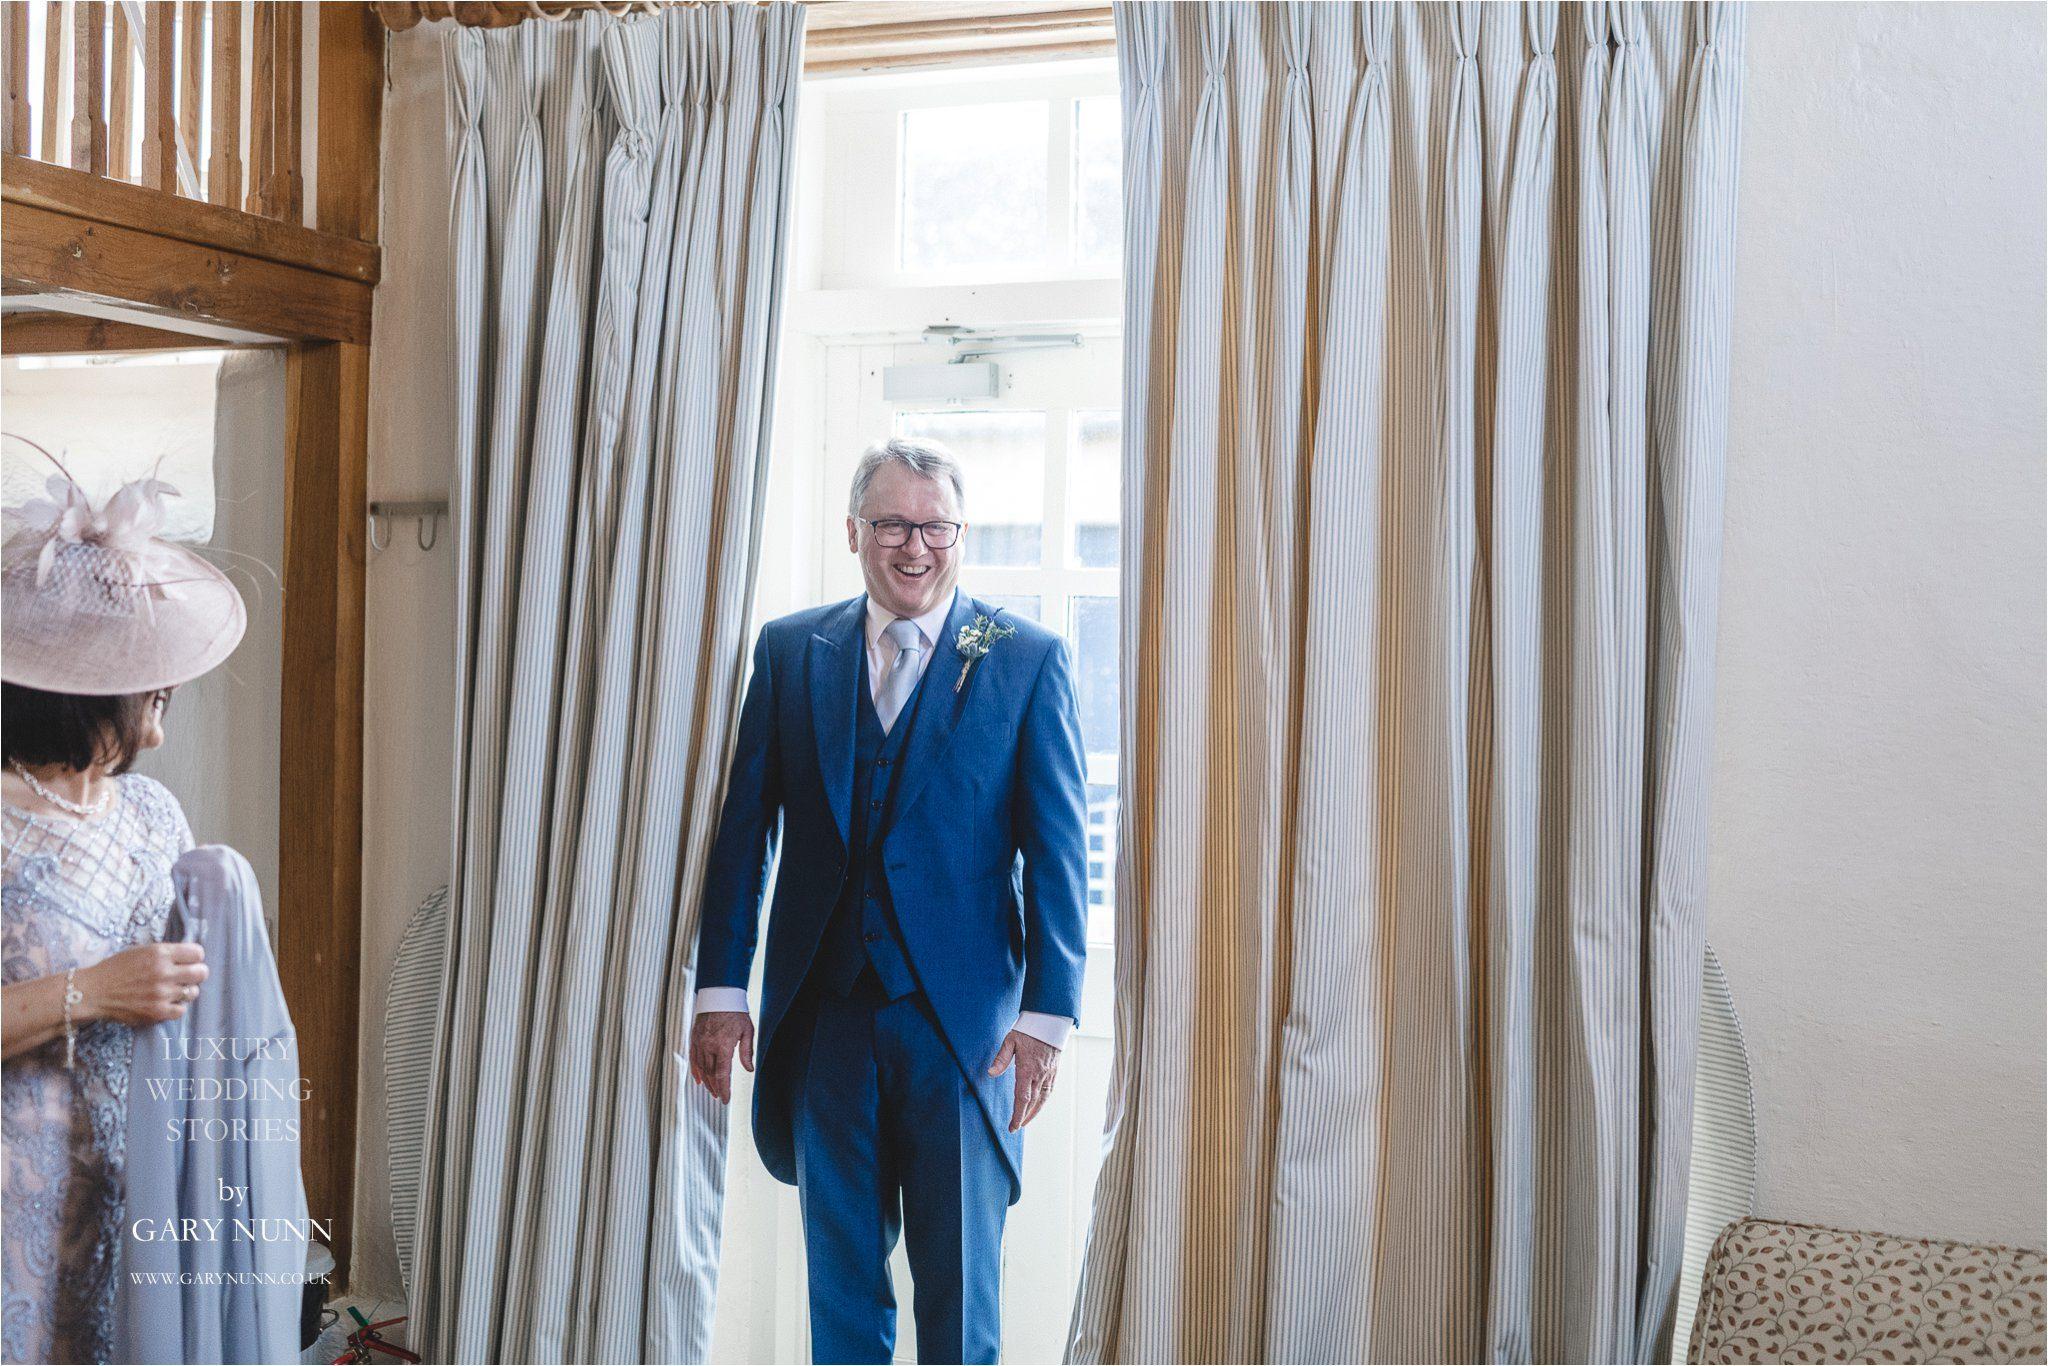 merriscourt, Gloucester wedding photographer, first look